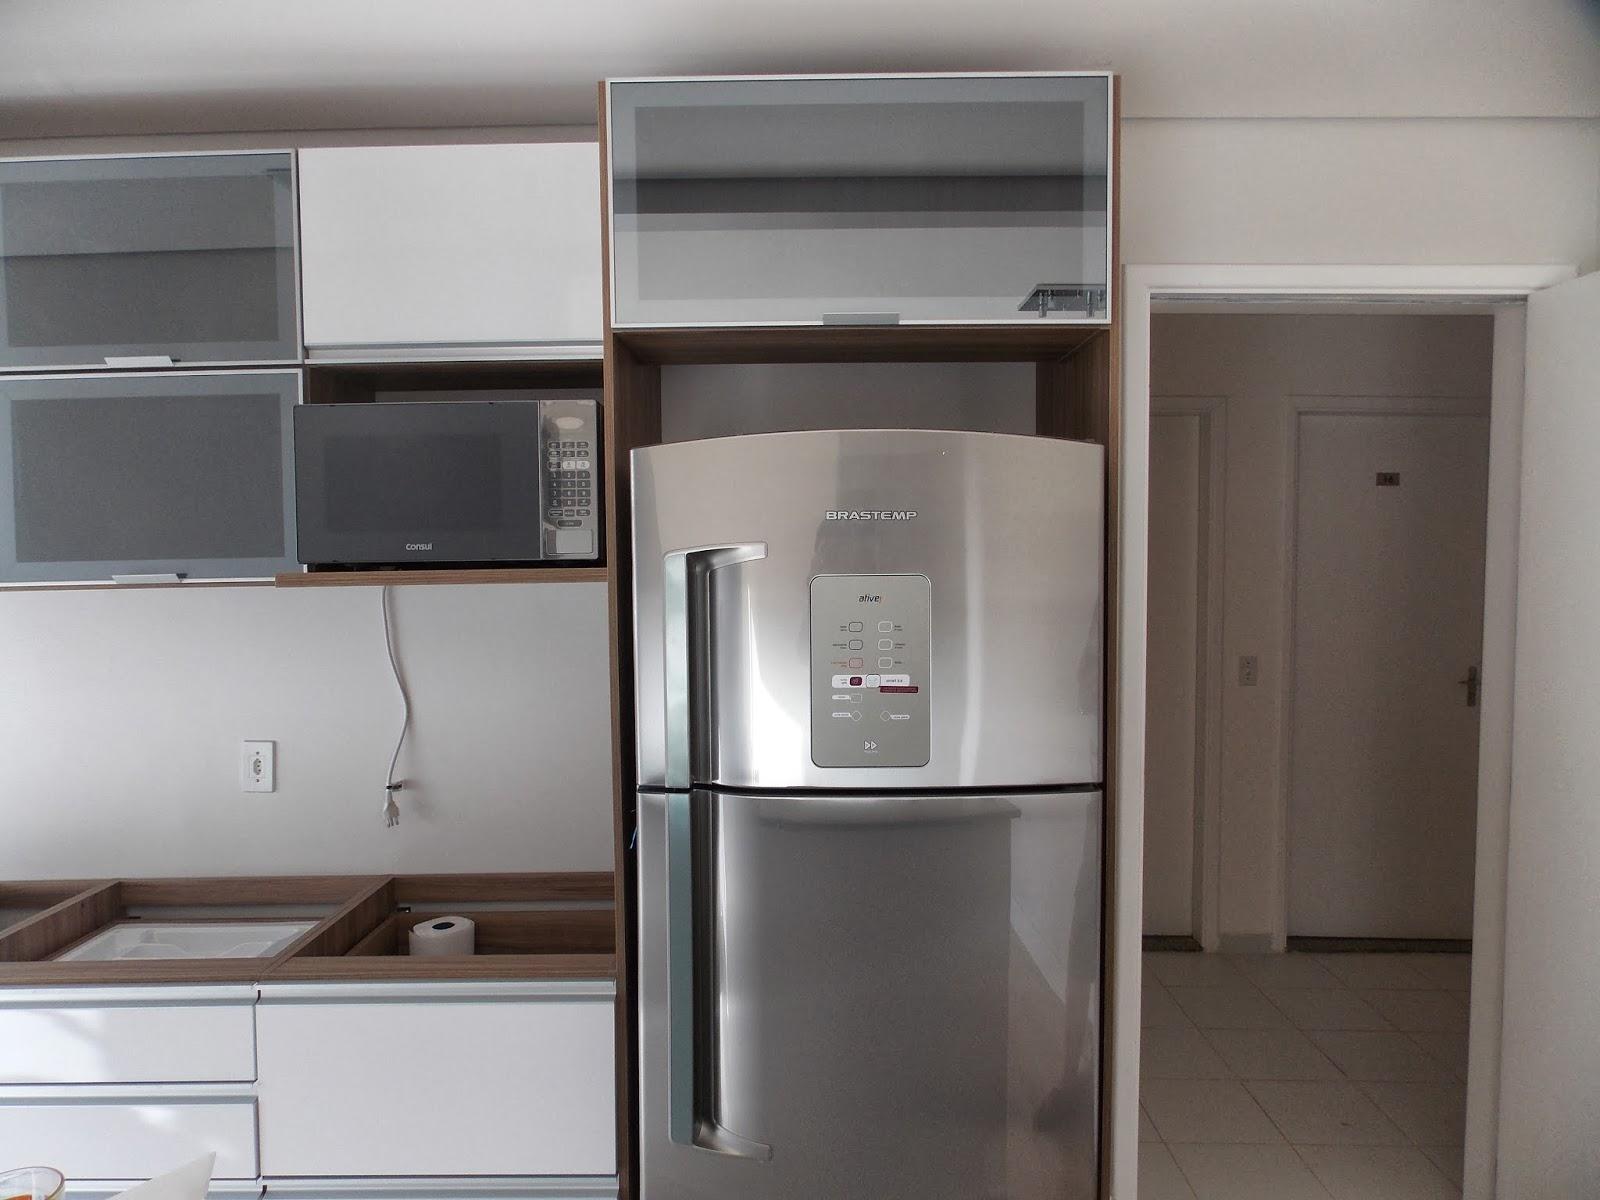 Aparador Inox E Vidro ~ Armario De Cozinha Tock Stock # Beyato com> Vários desenhos sobre idéias de design de cozinha